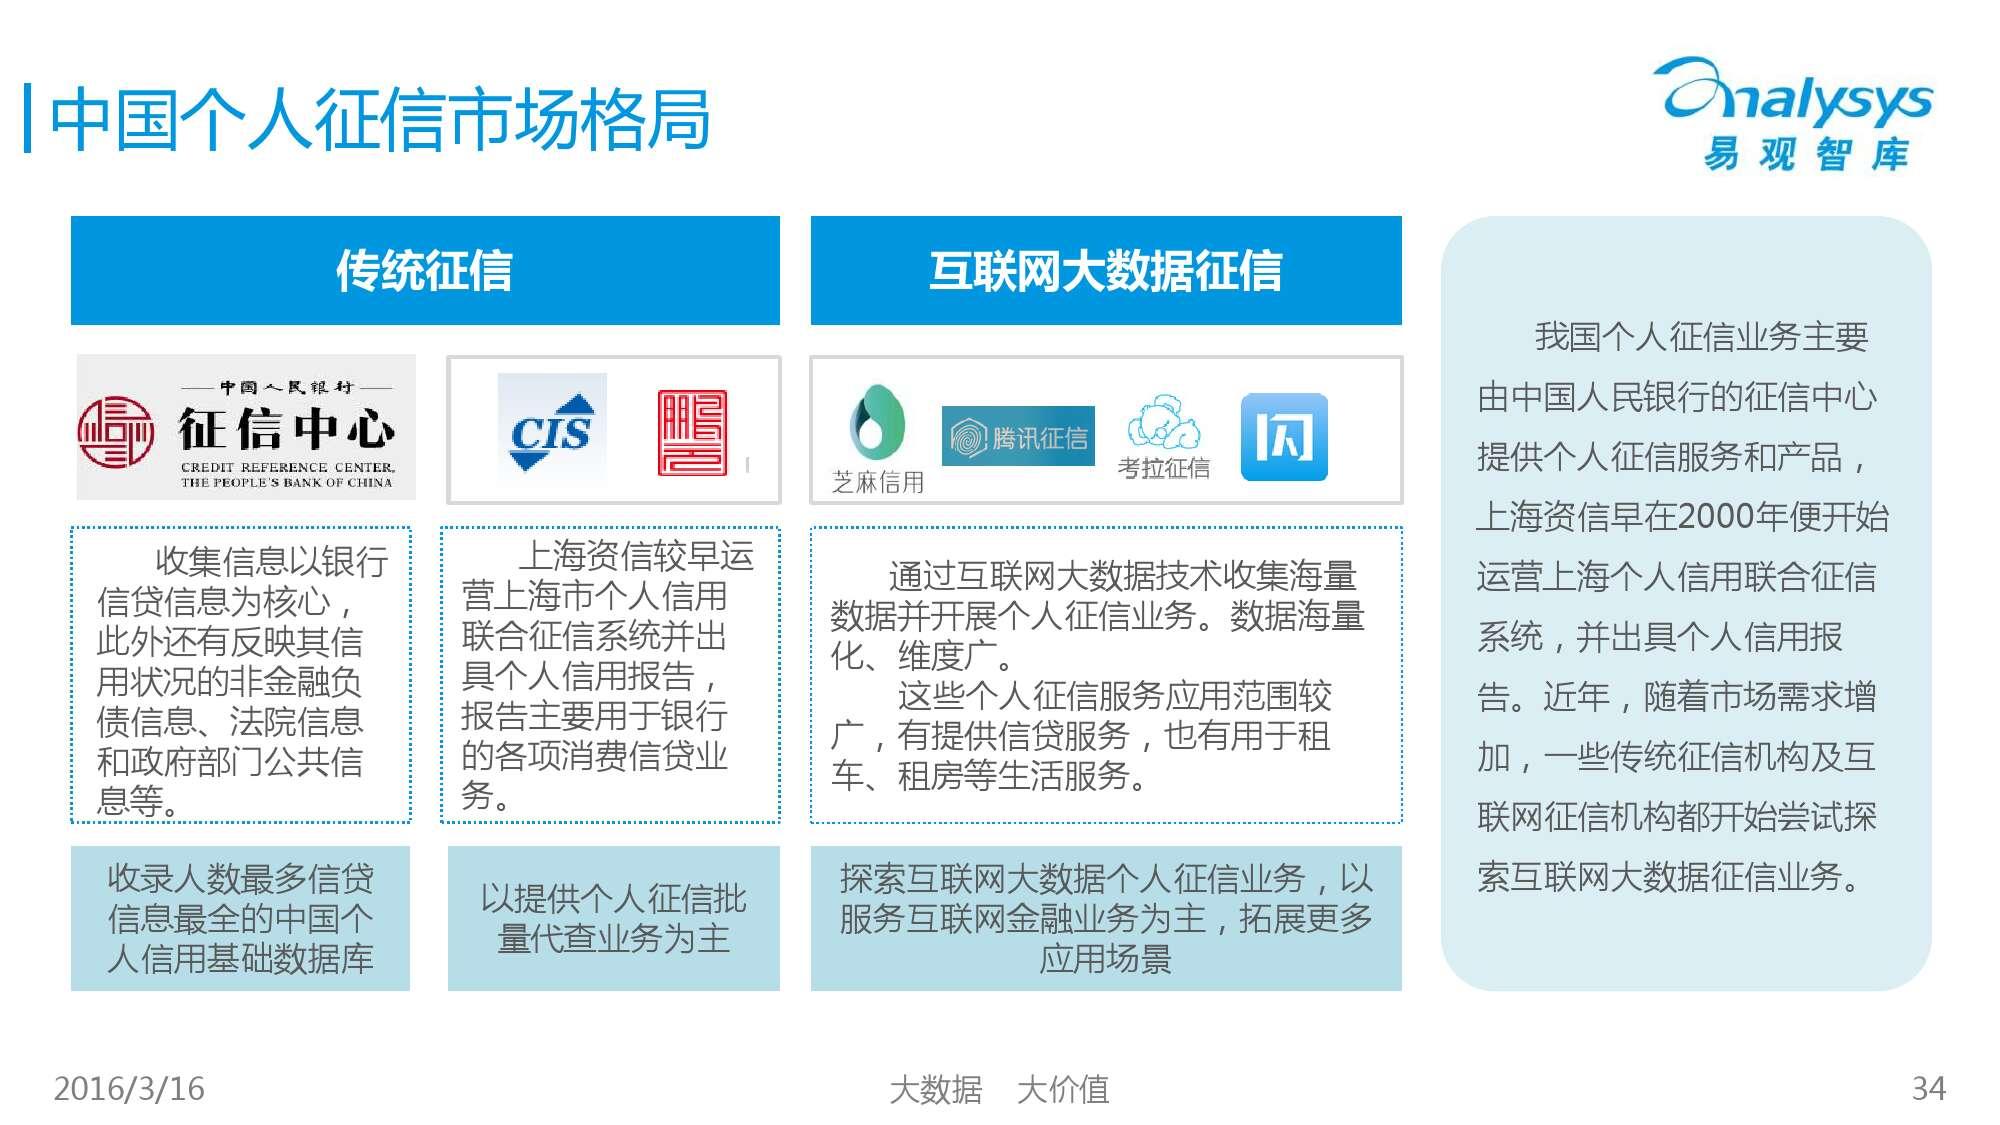 中国征信行业专题研究报告2016_000034